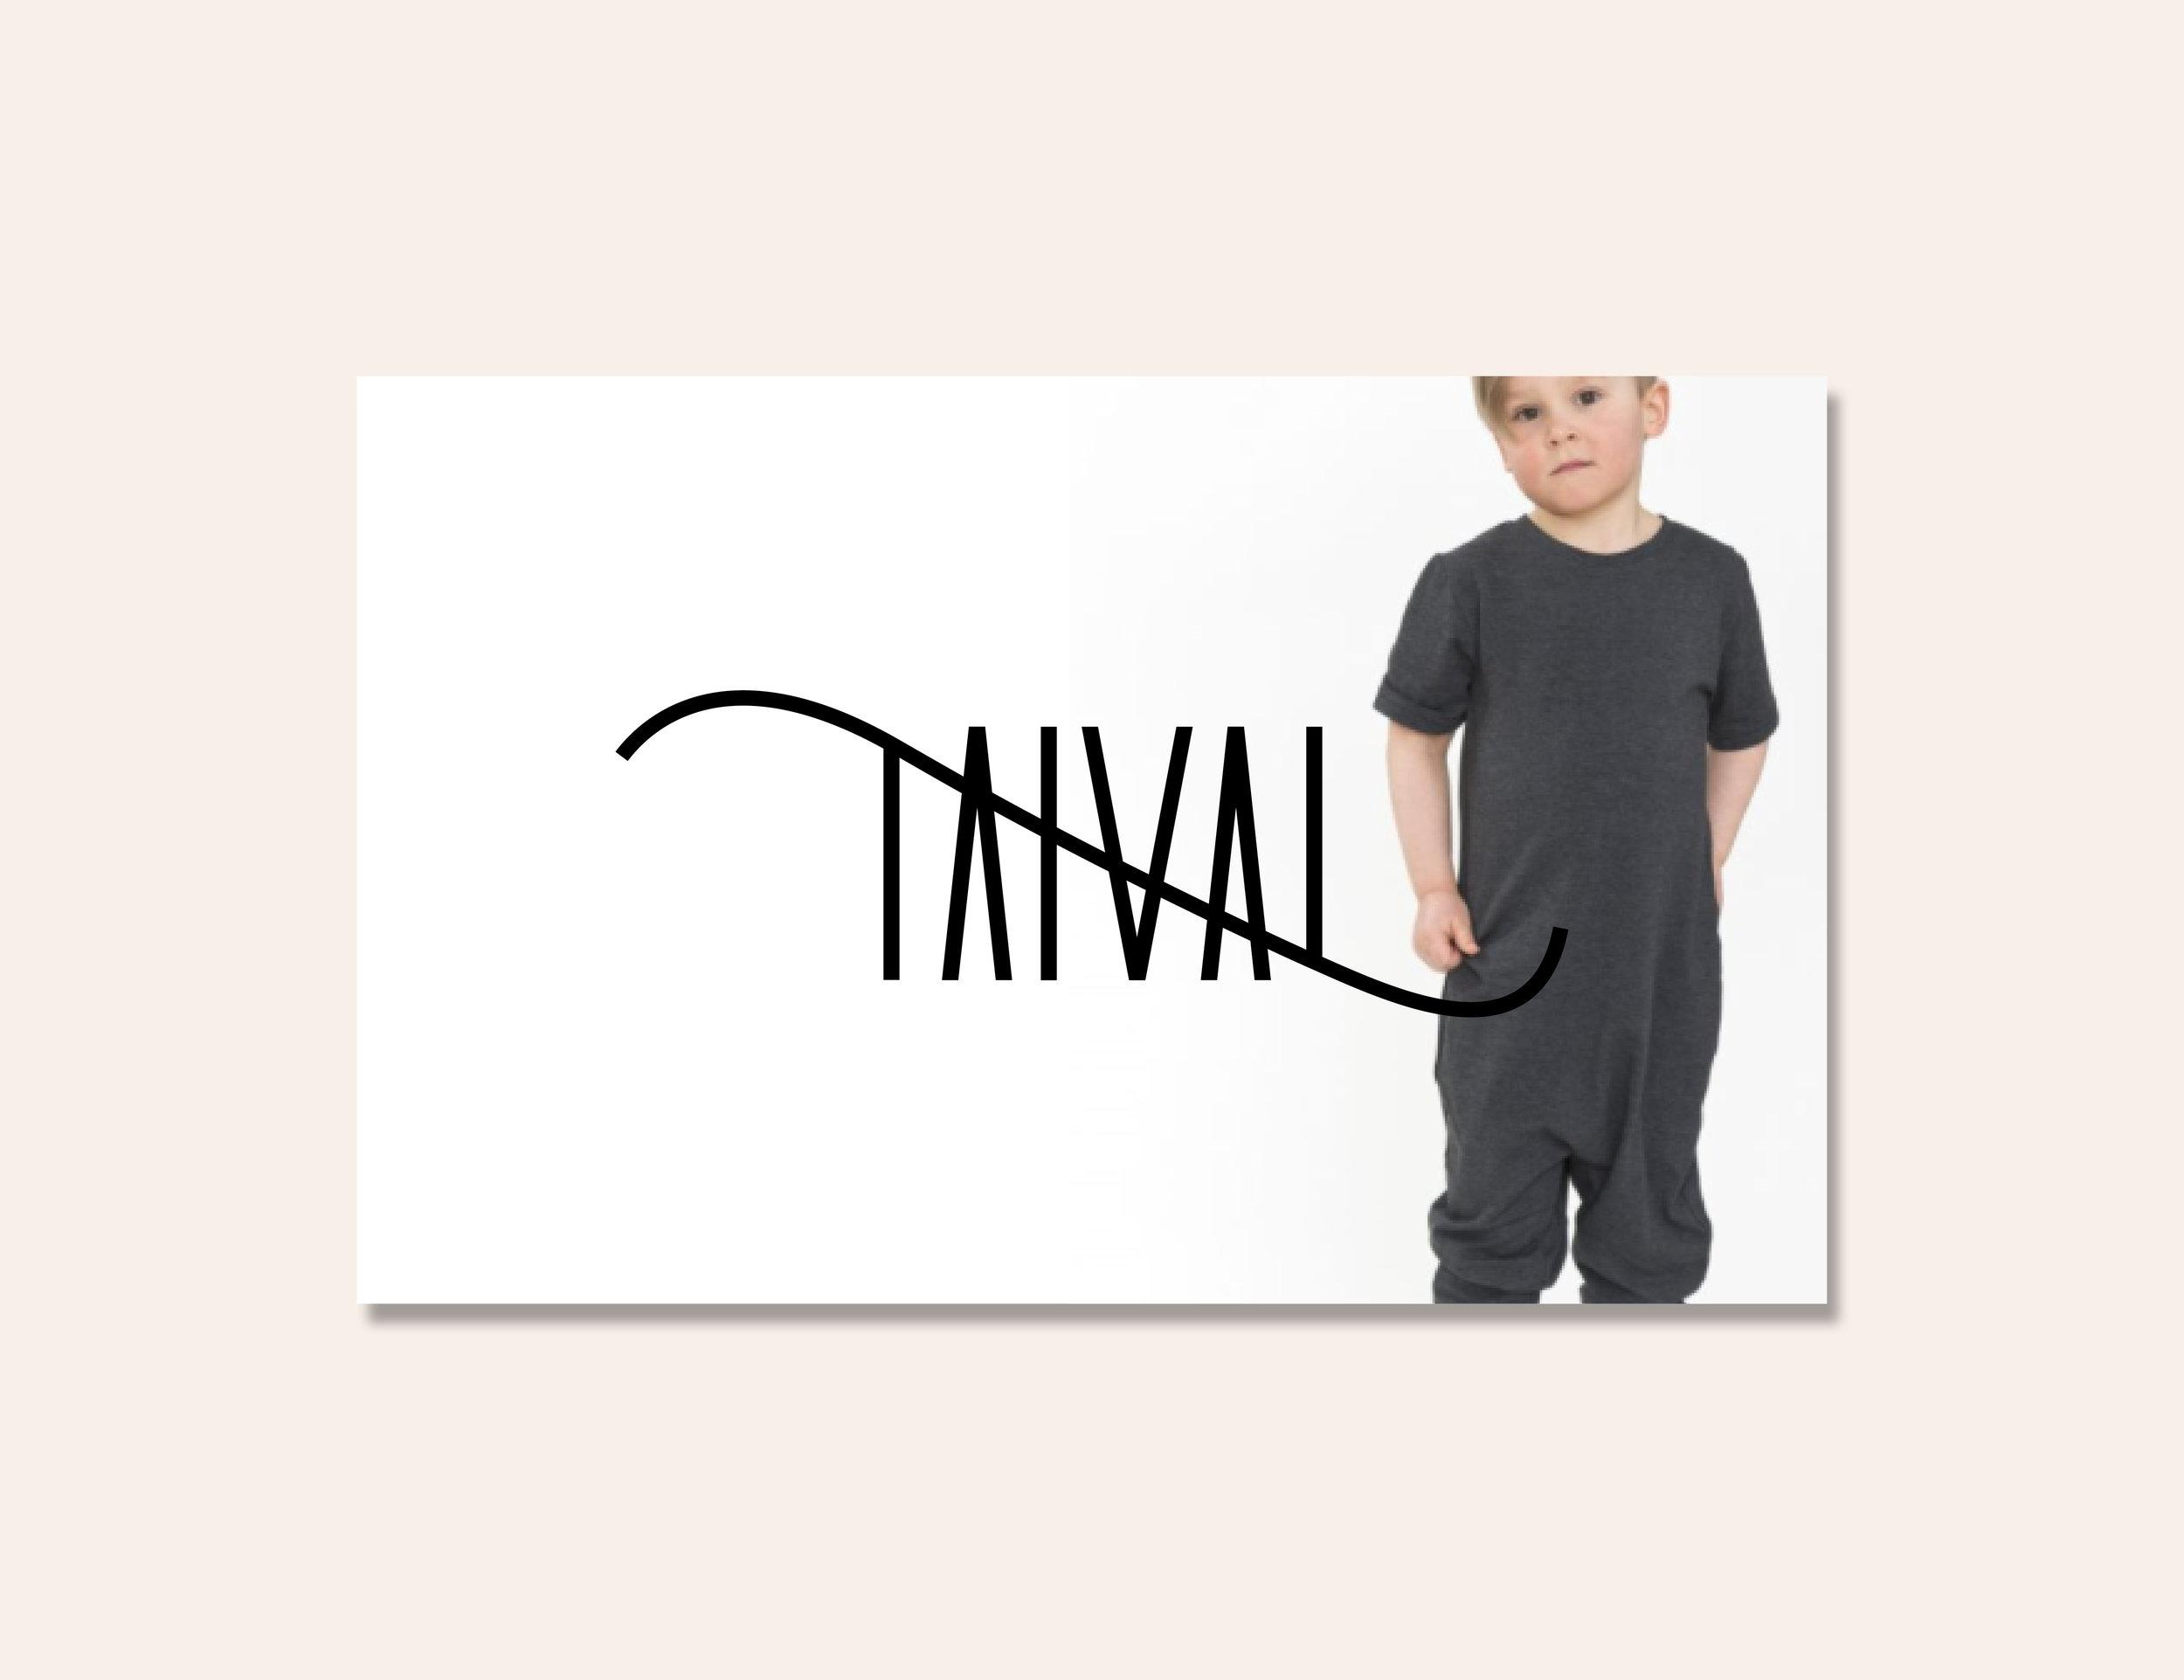 Taival_poika ja logo.jpg